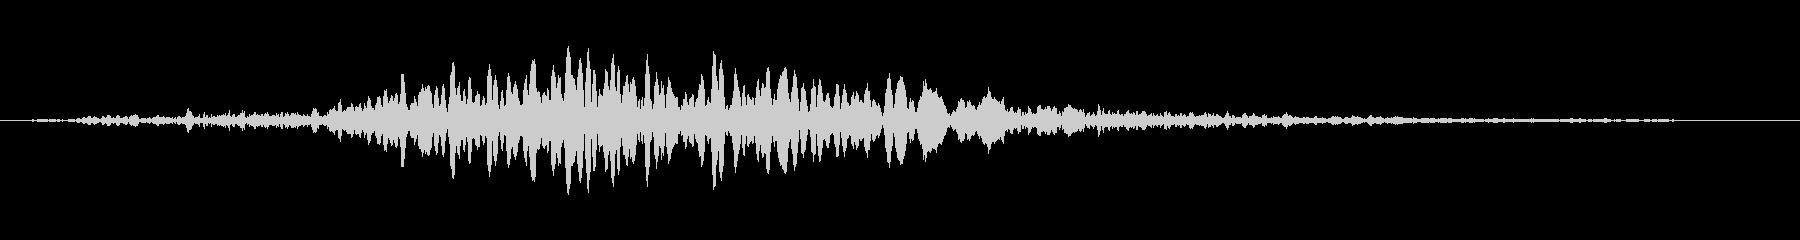 怪物 コミカル 鳴き声01の未再生の波形